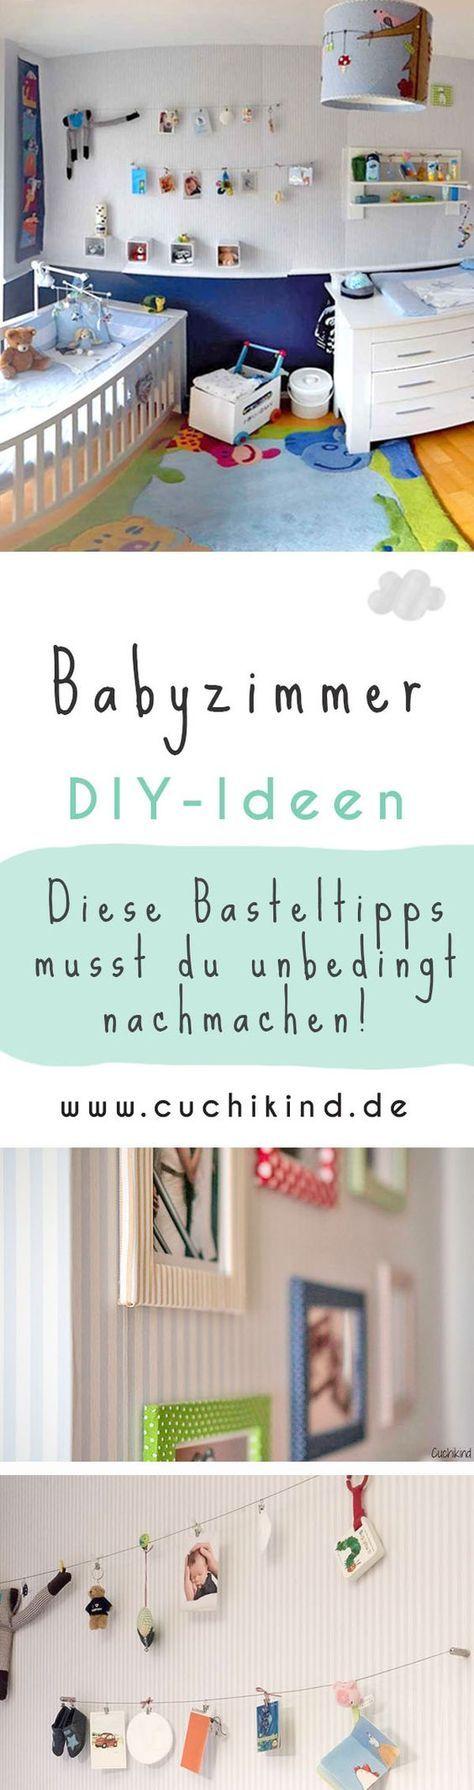 27 besten baby Bilder auf Pinterest   Bären, Kleinkinder und Malen ...